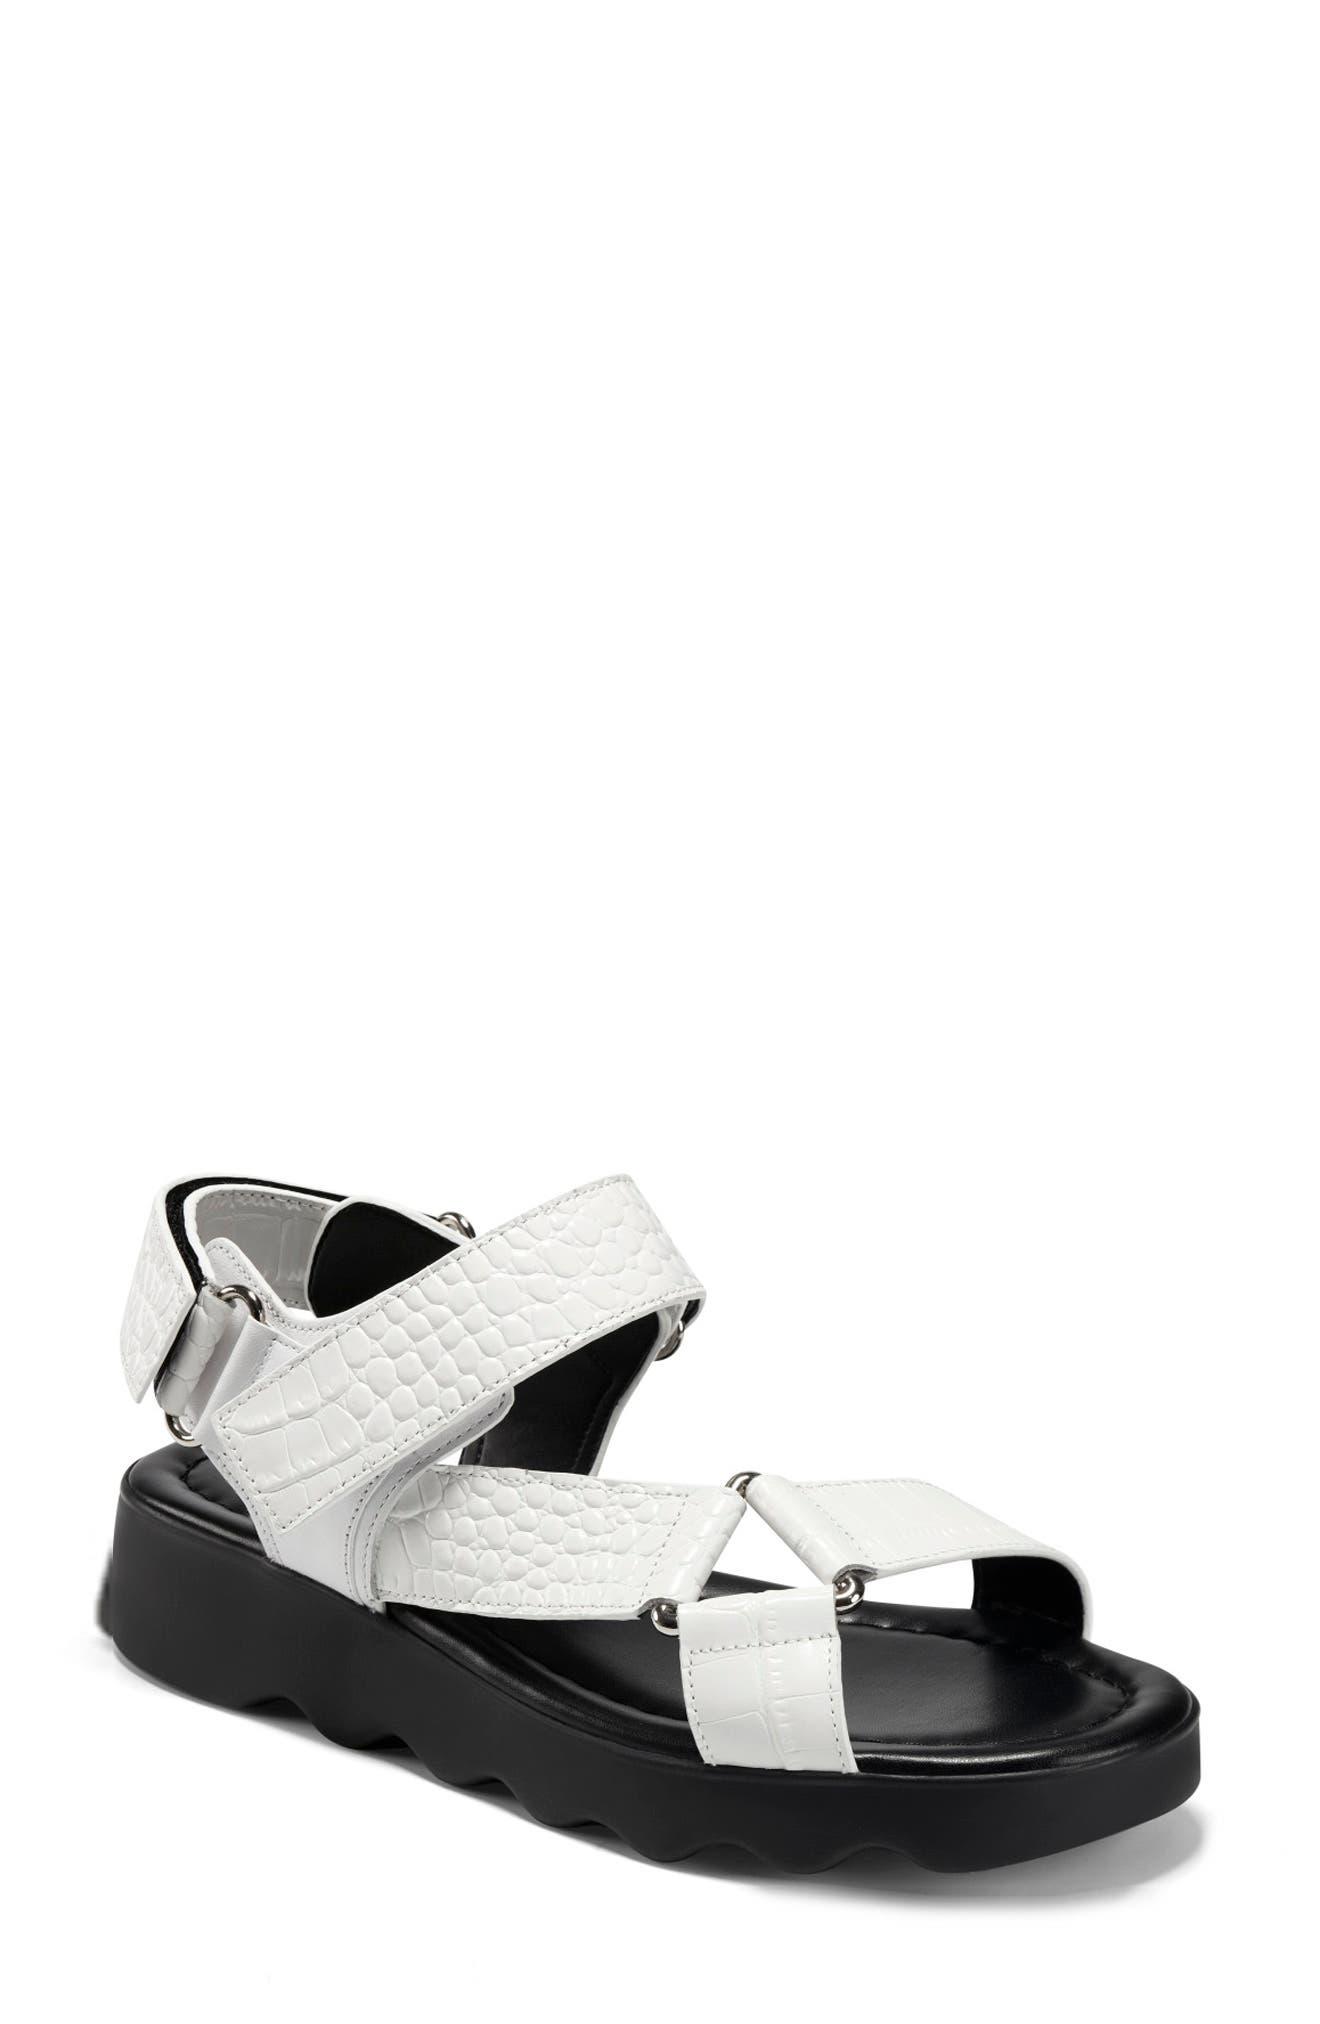 Women's Aerosole Wave Sandal